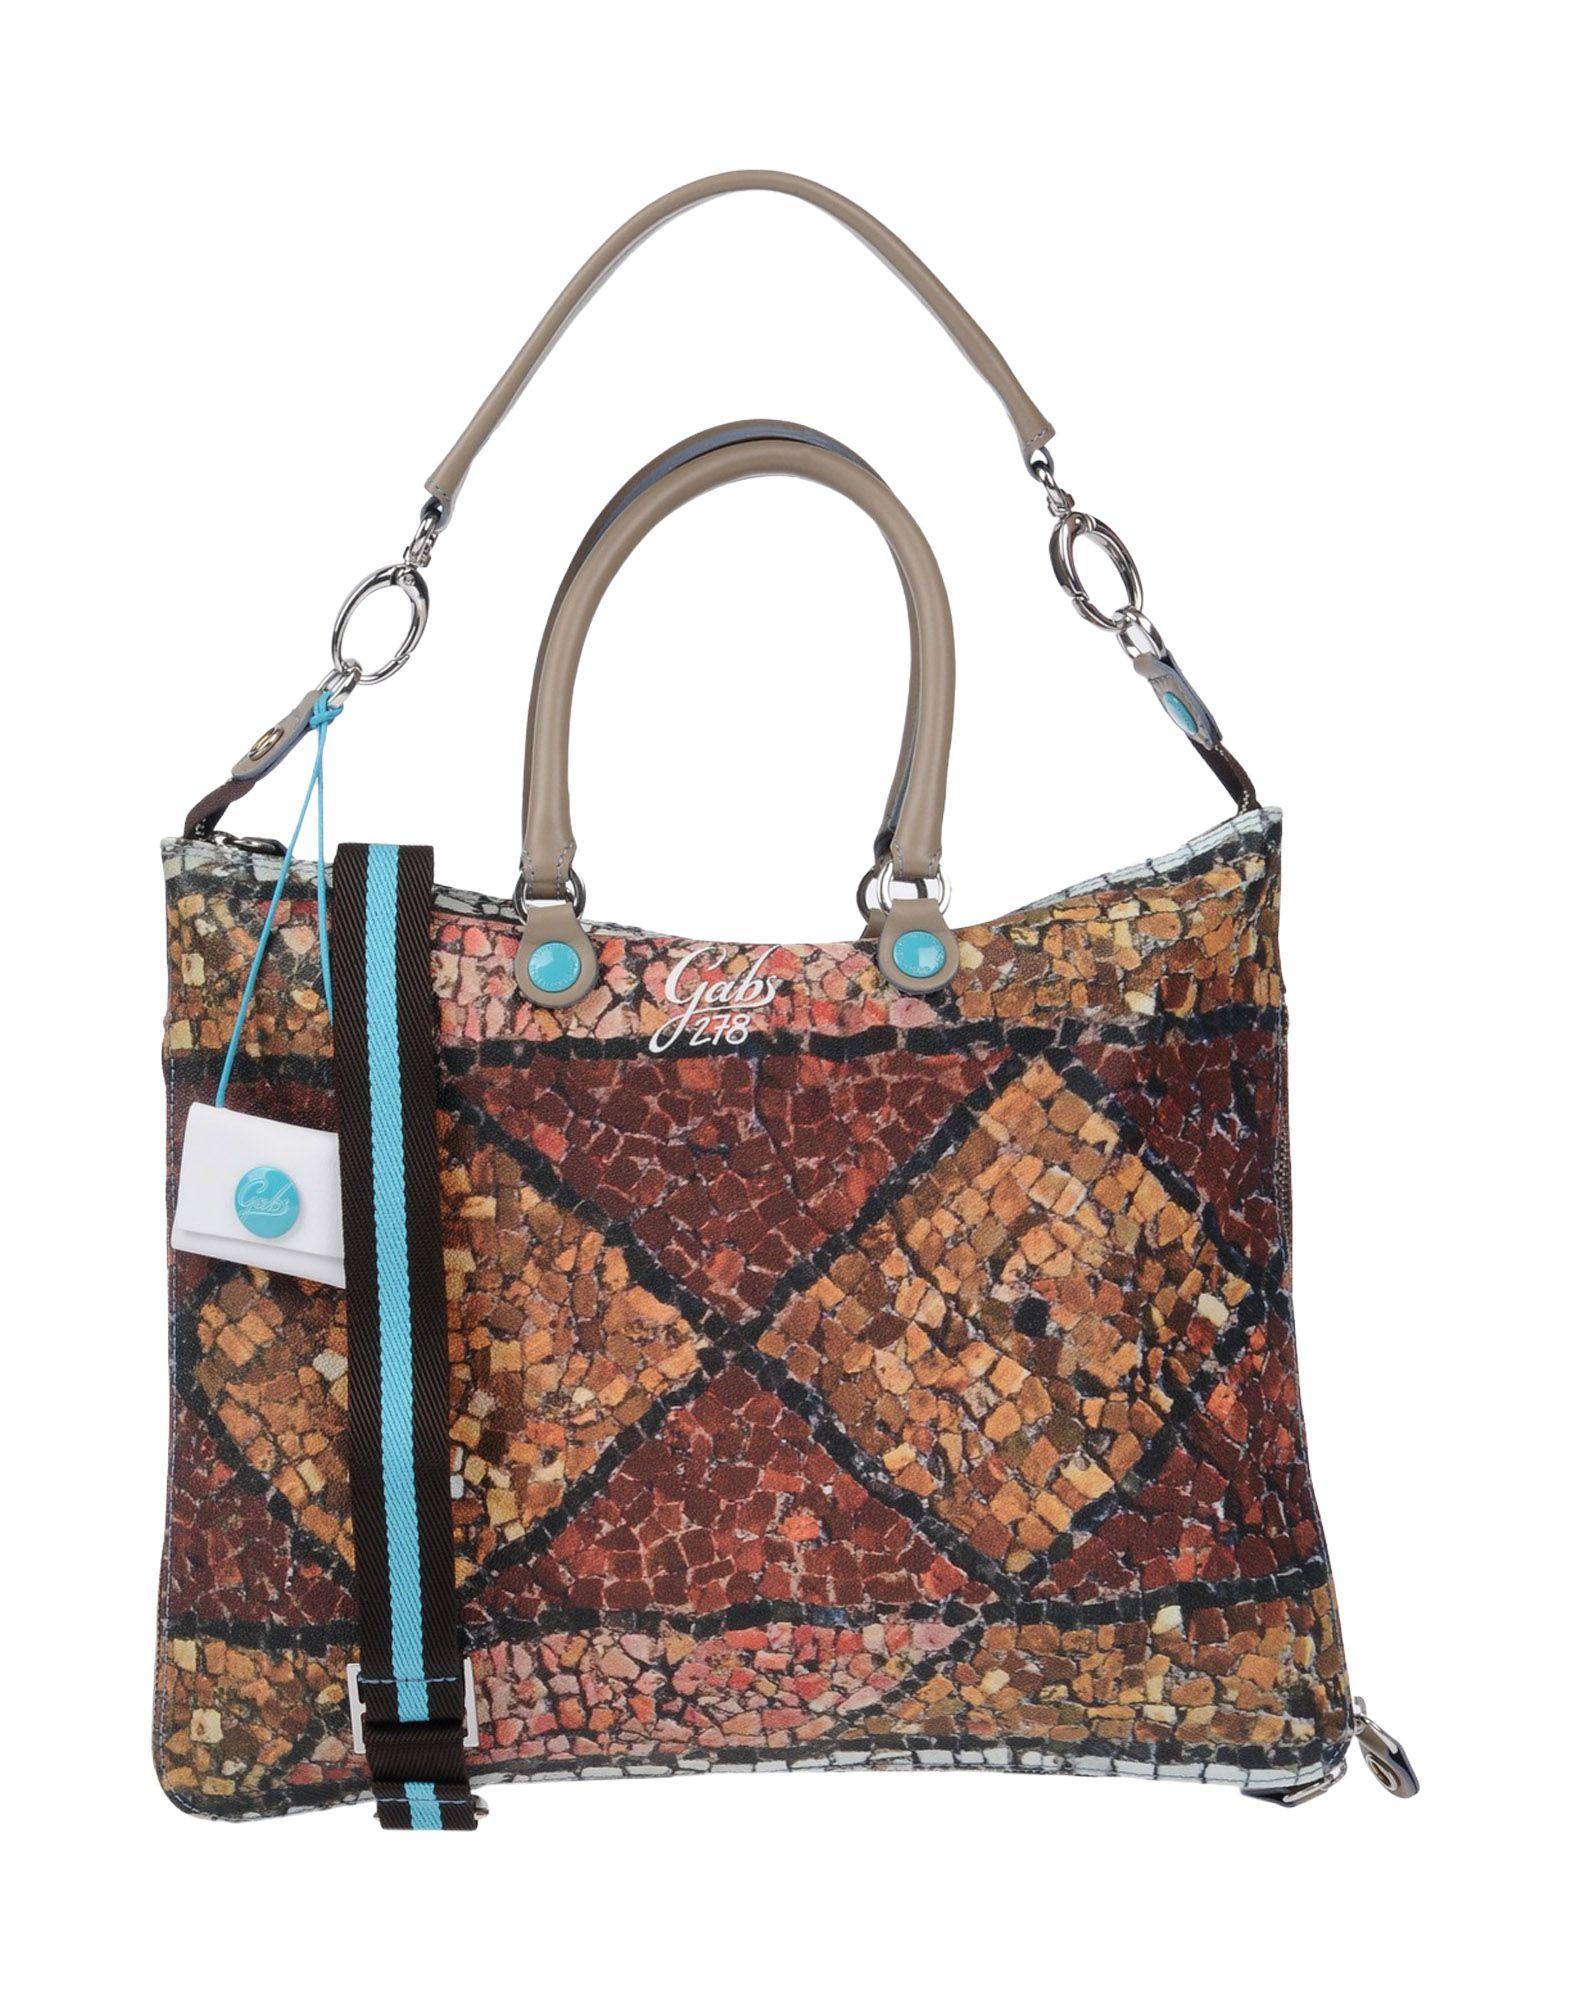 GABS Handbag in Brick Red